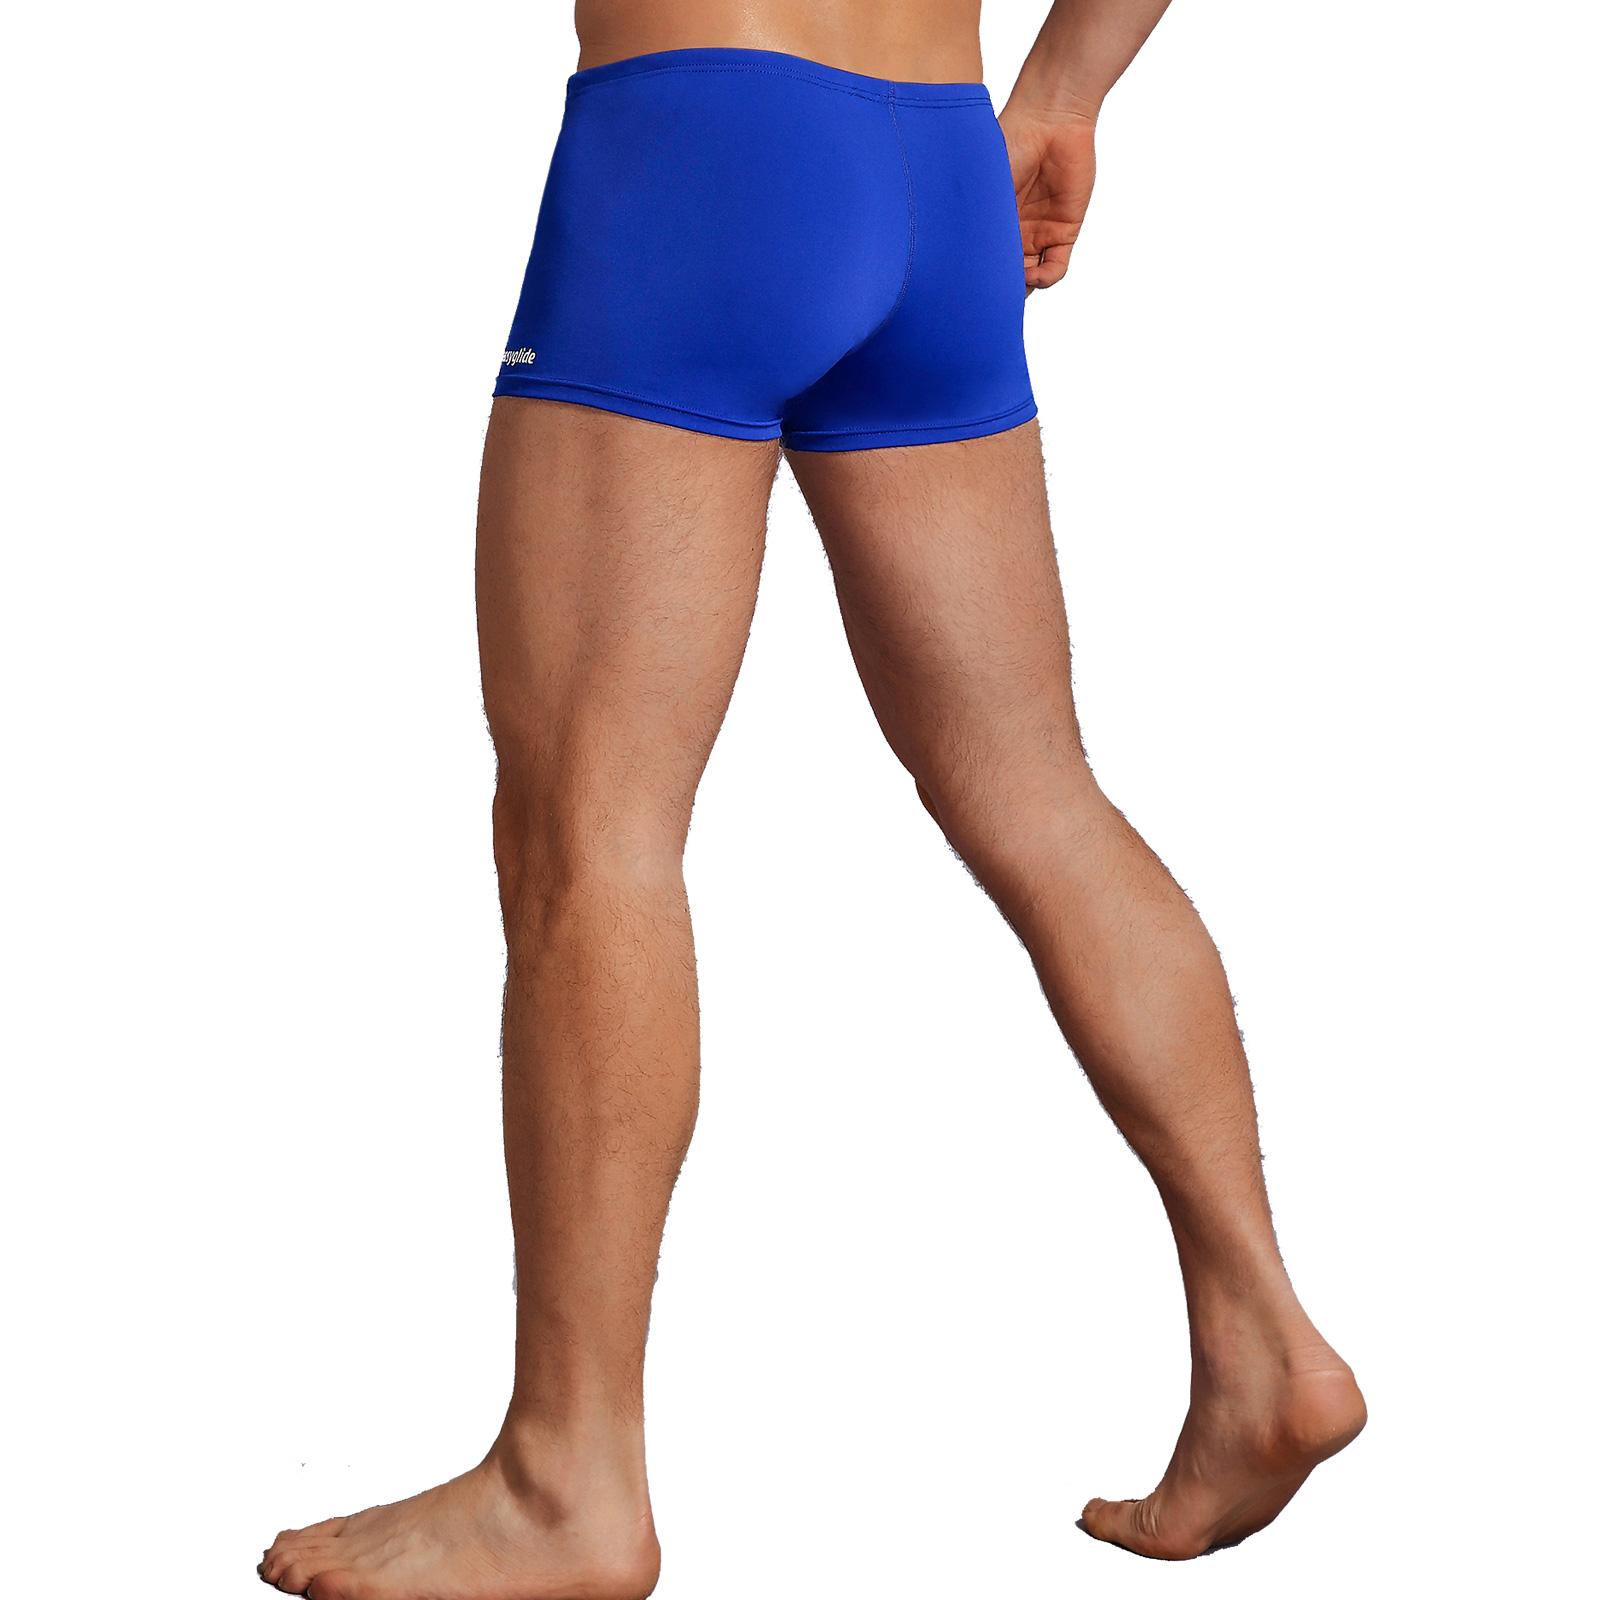 boxer-blue-3.jpg